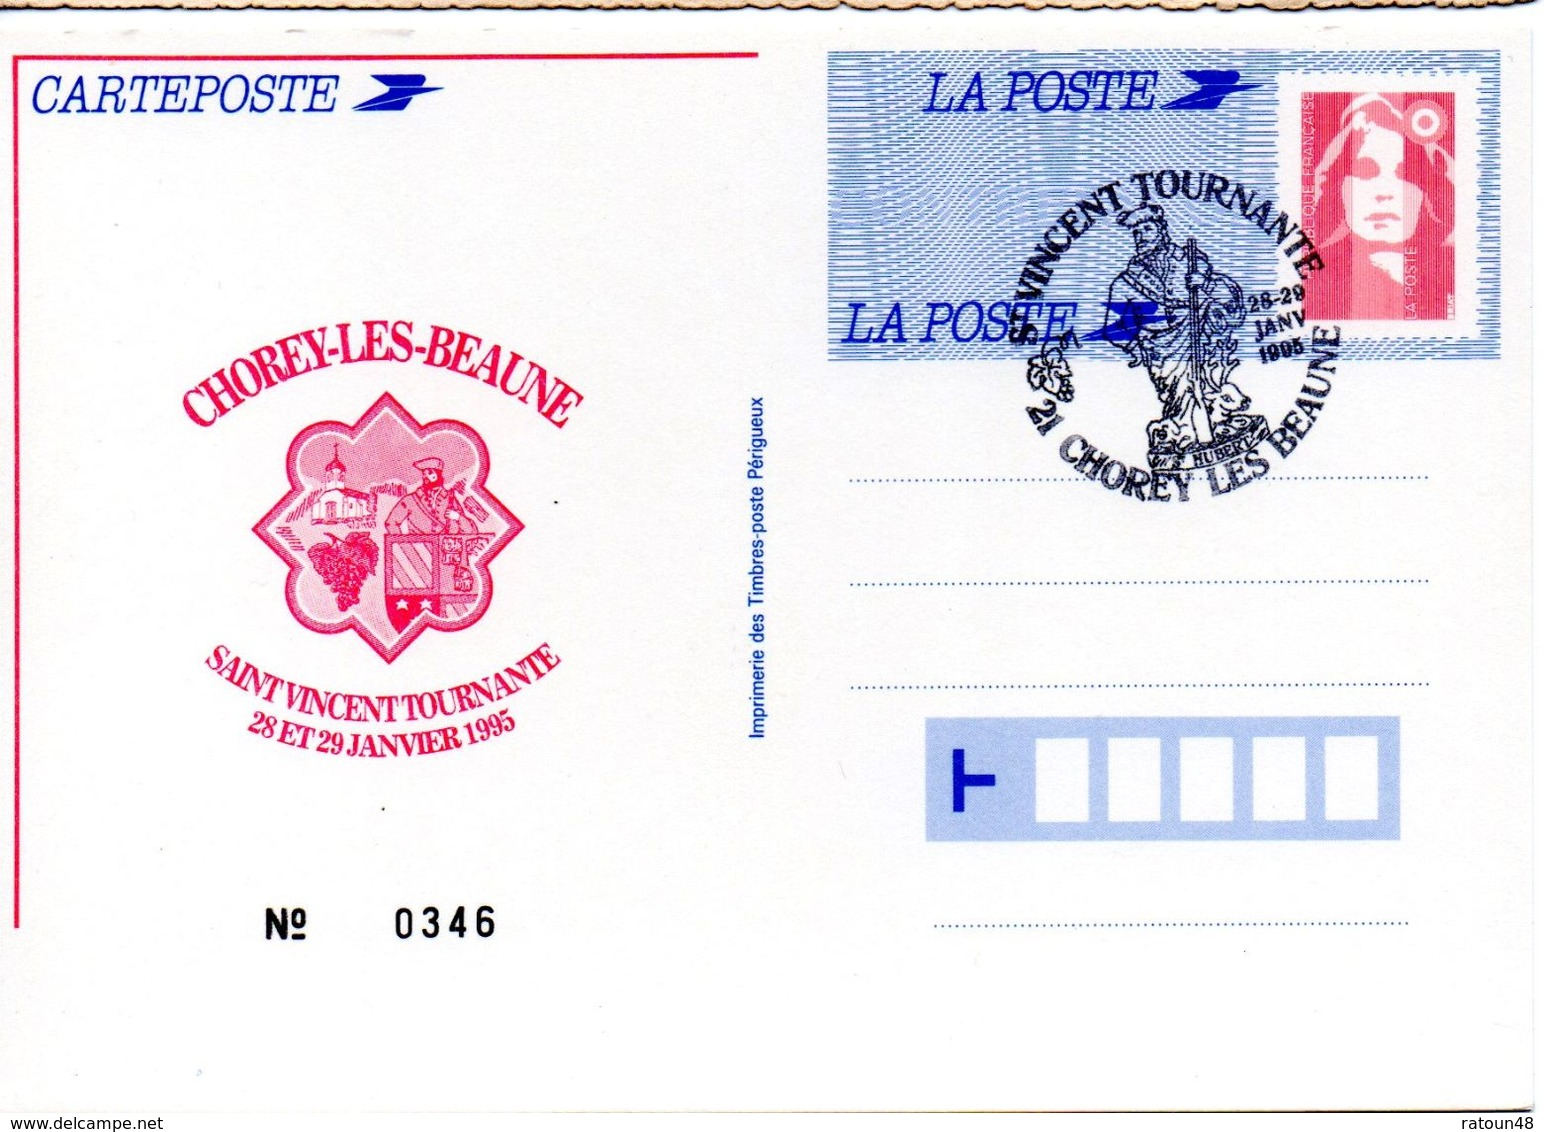 CP Illustrée PAP -cachet Saint Vincent Tournante Les 28/29-01-1995 -21 CHOREY LES BEAUNE - Vins & Alcools